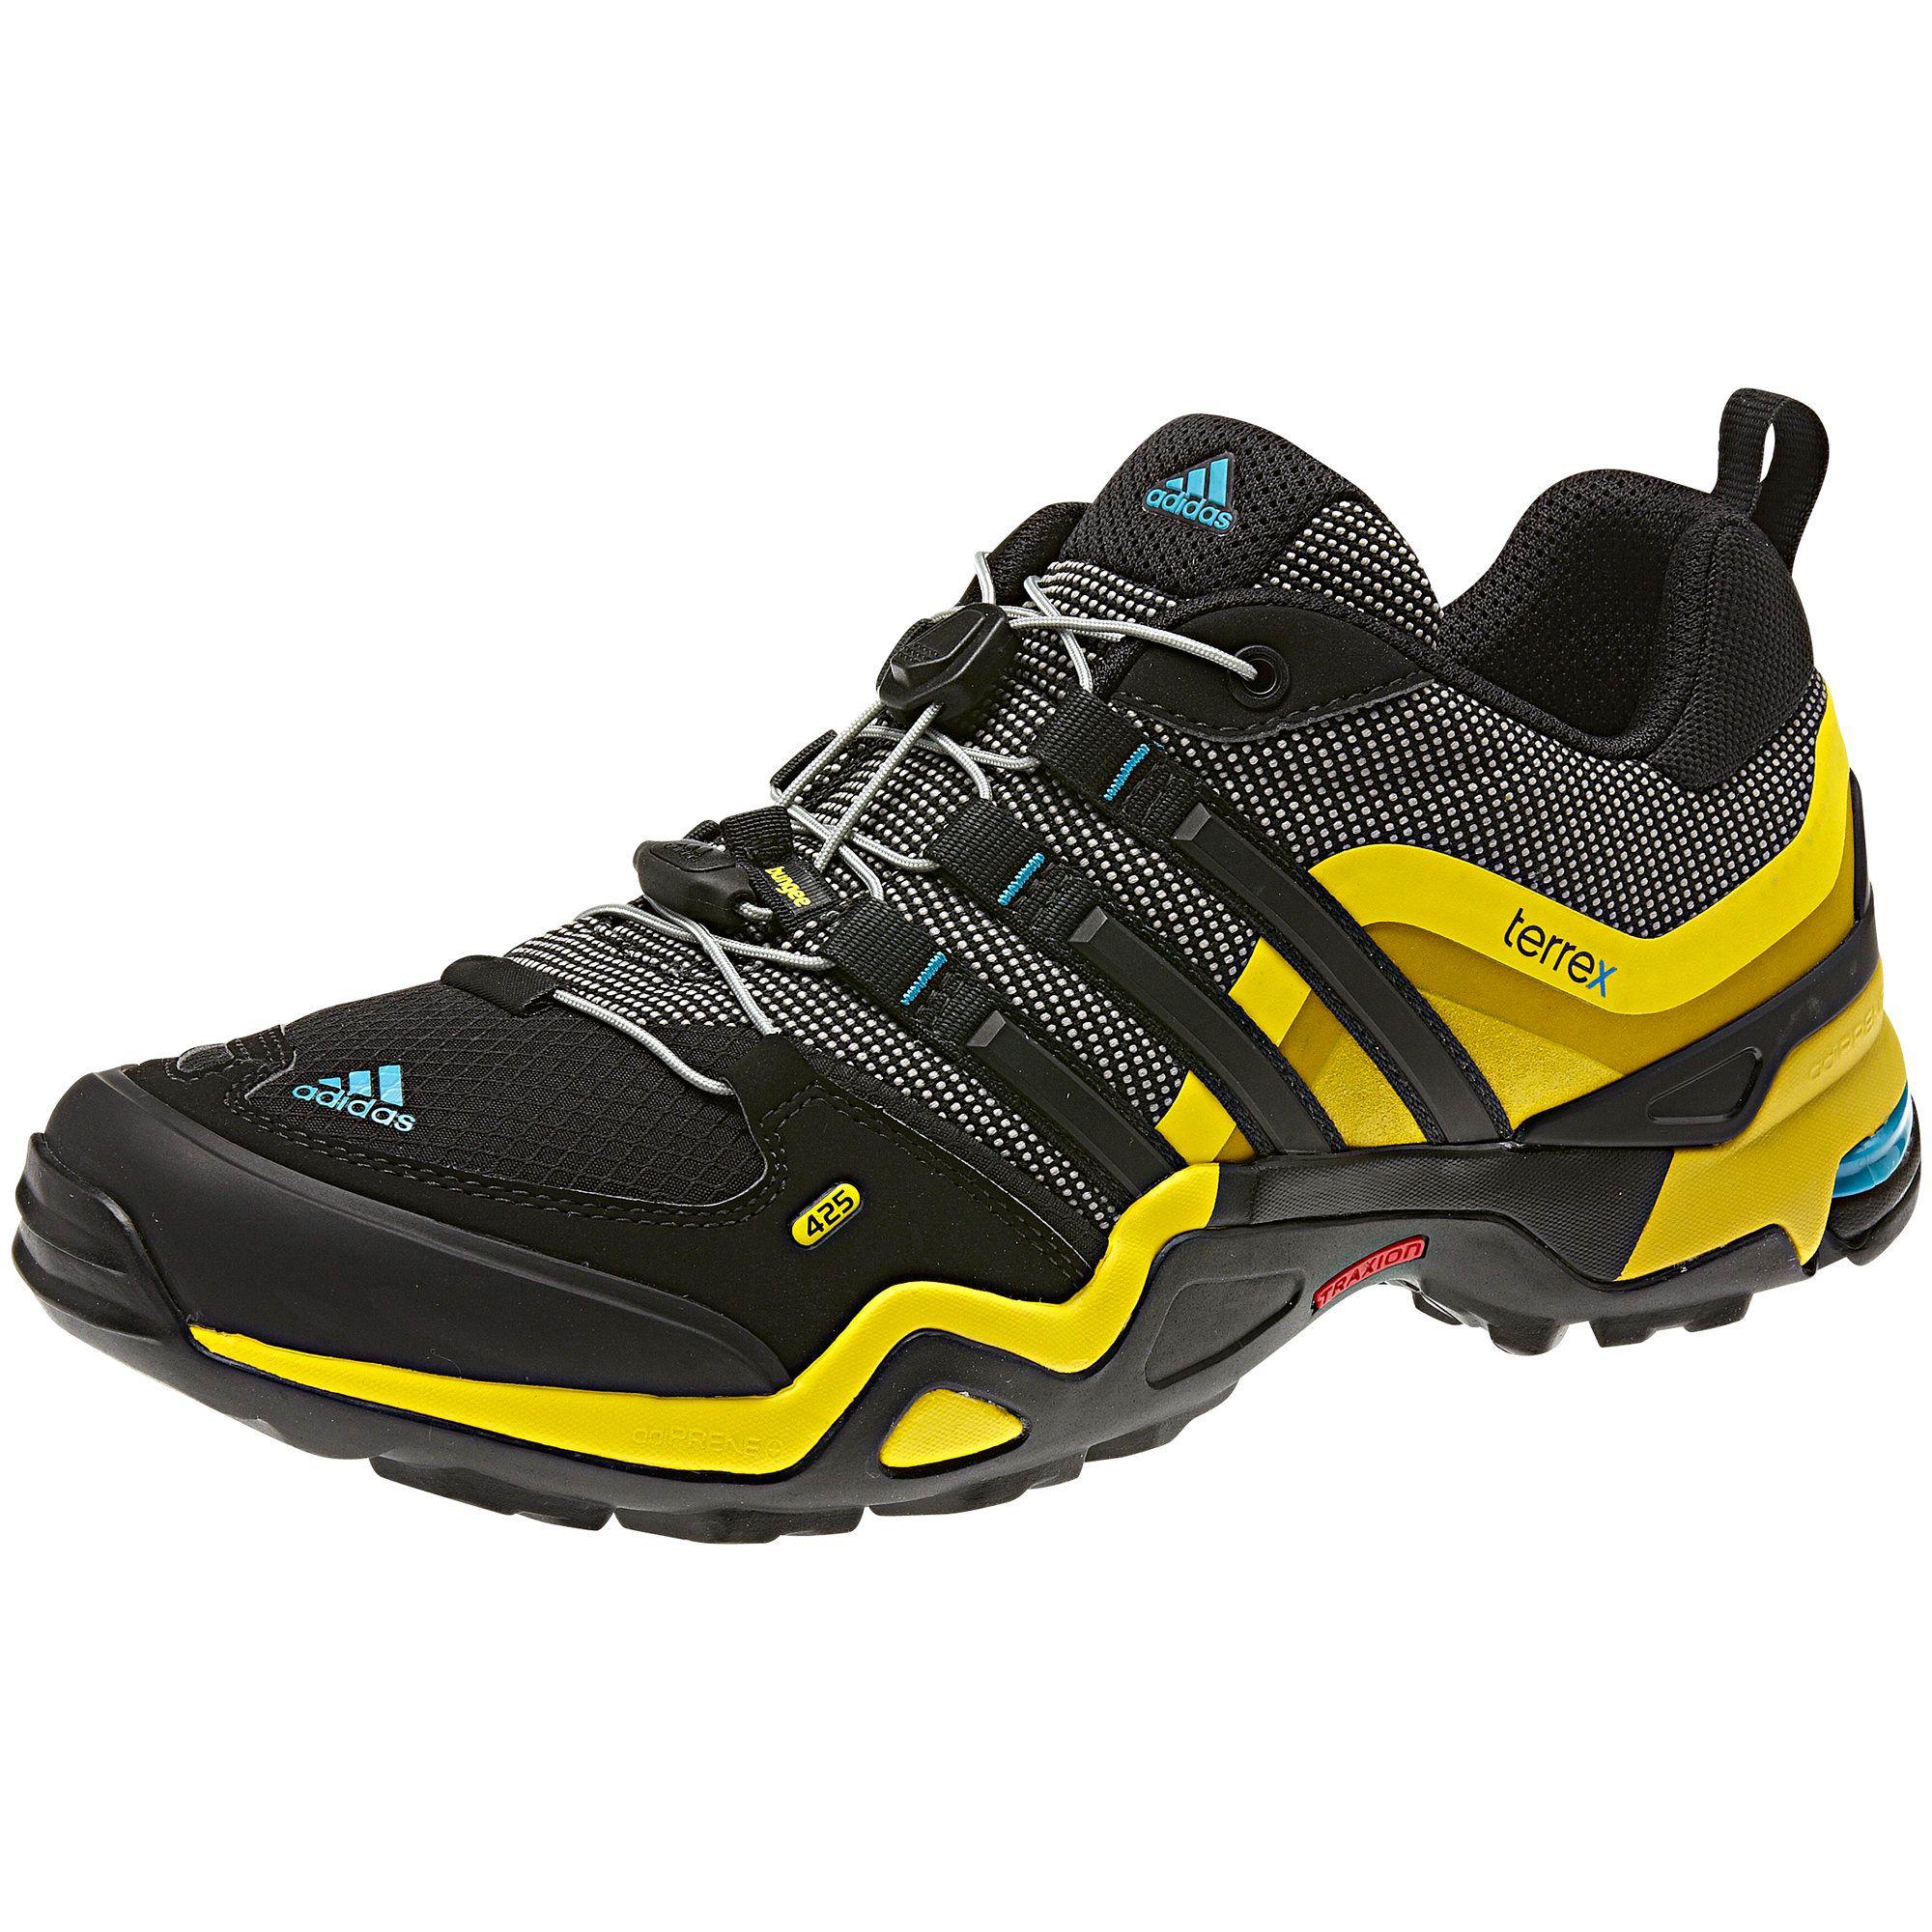 Manner Terrex Fast X Low Schuh Grey Rock Vivid Yellow Black Zapatos Adidas Zapatillas Adidas Zapatos Deportivos